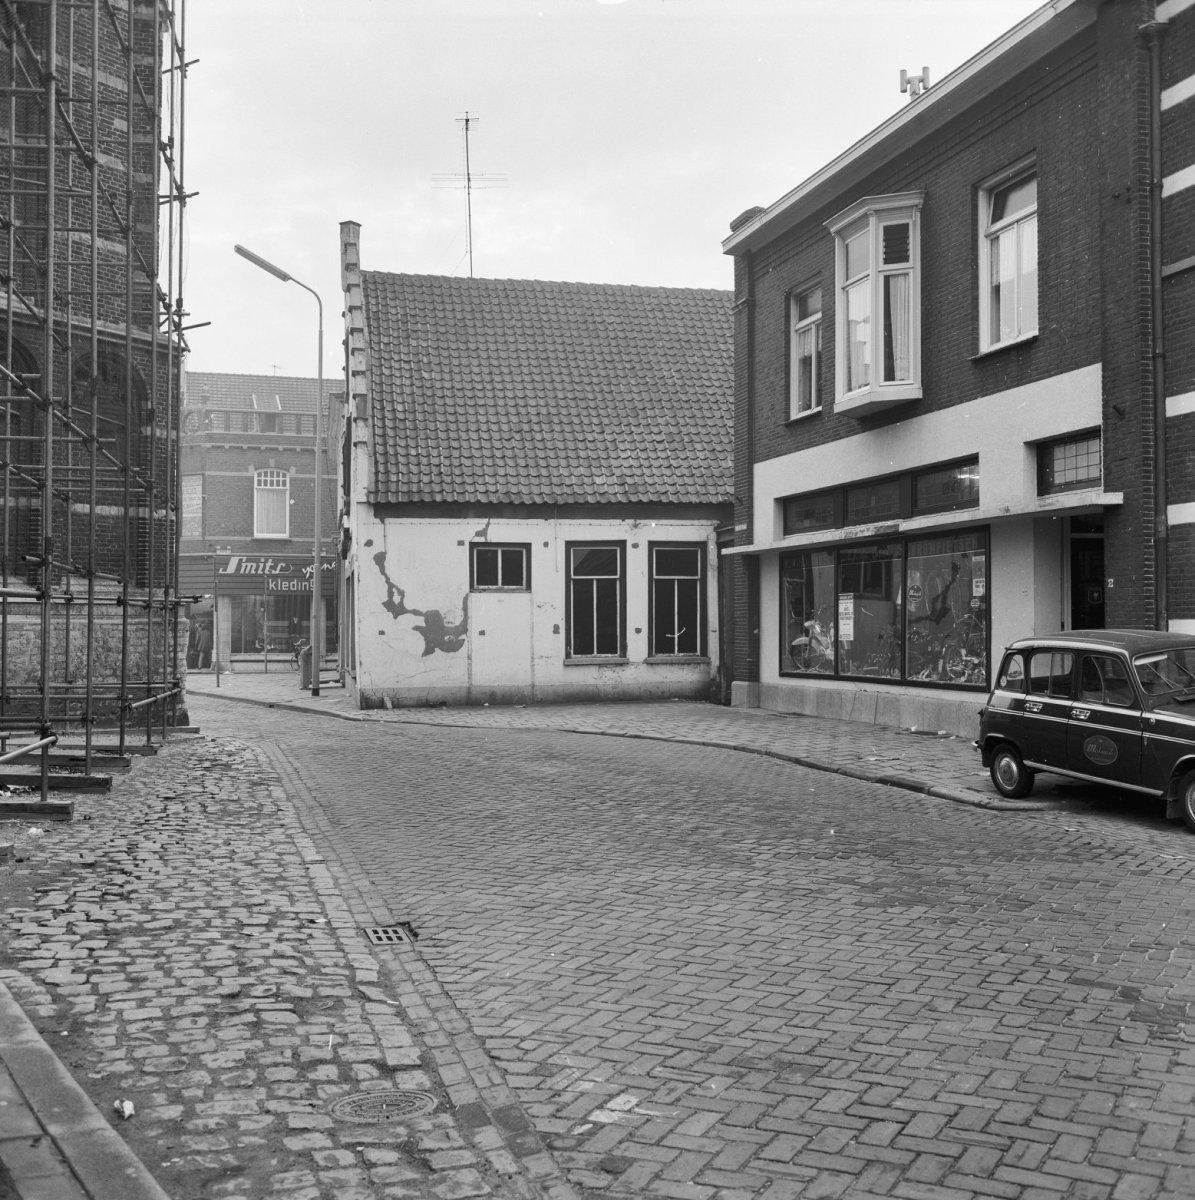 Huis met gepleisterde trapgevel in oosterhout monument - Huis ingang ...